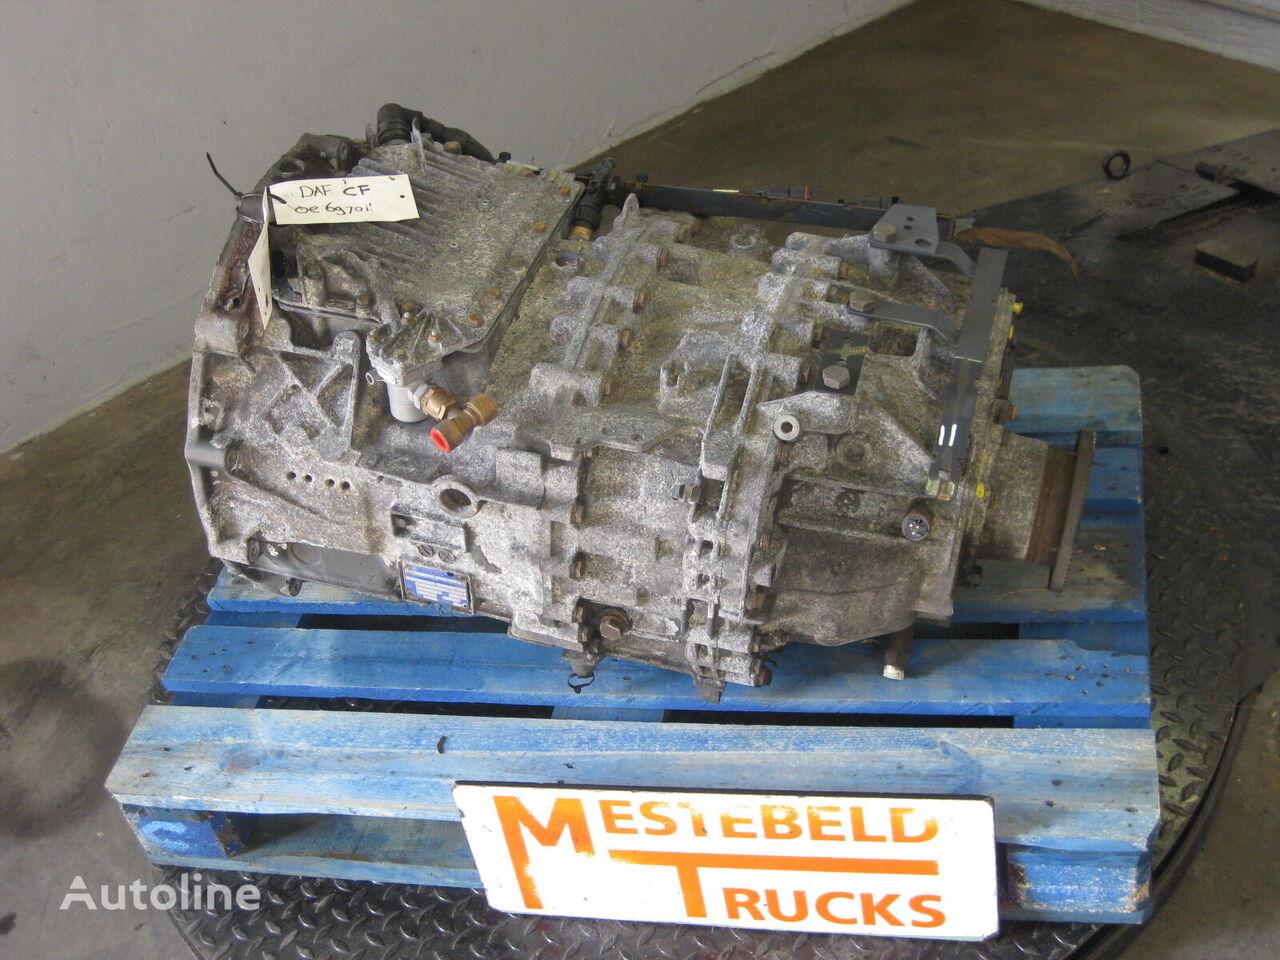 DAF Versn bak 12 AS 1630 TD gearbox for DAF truck